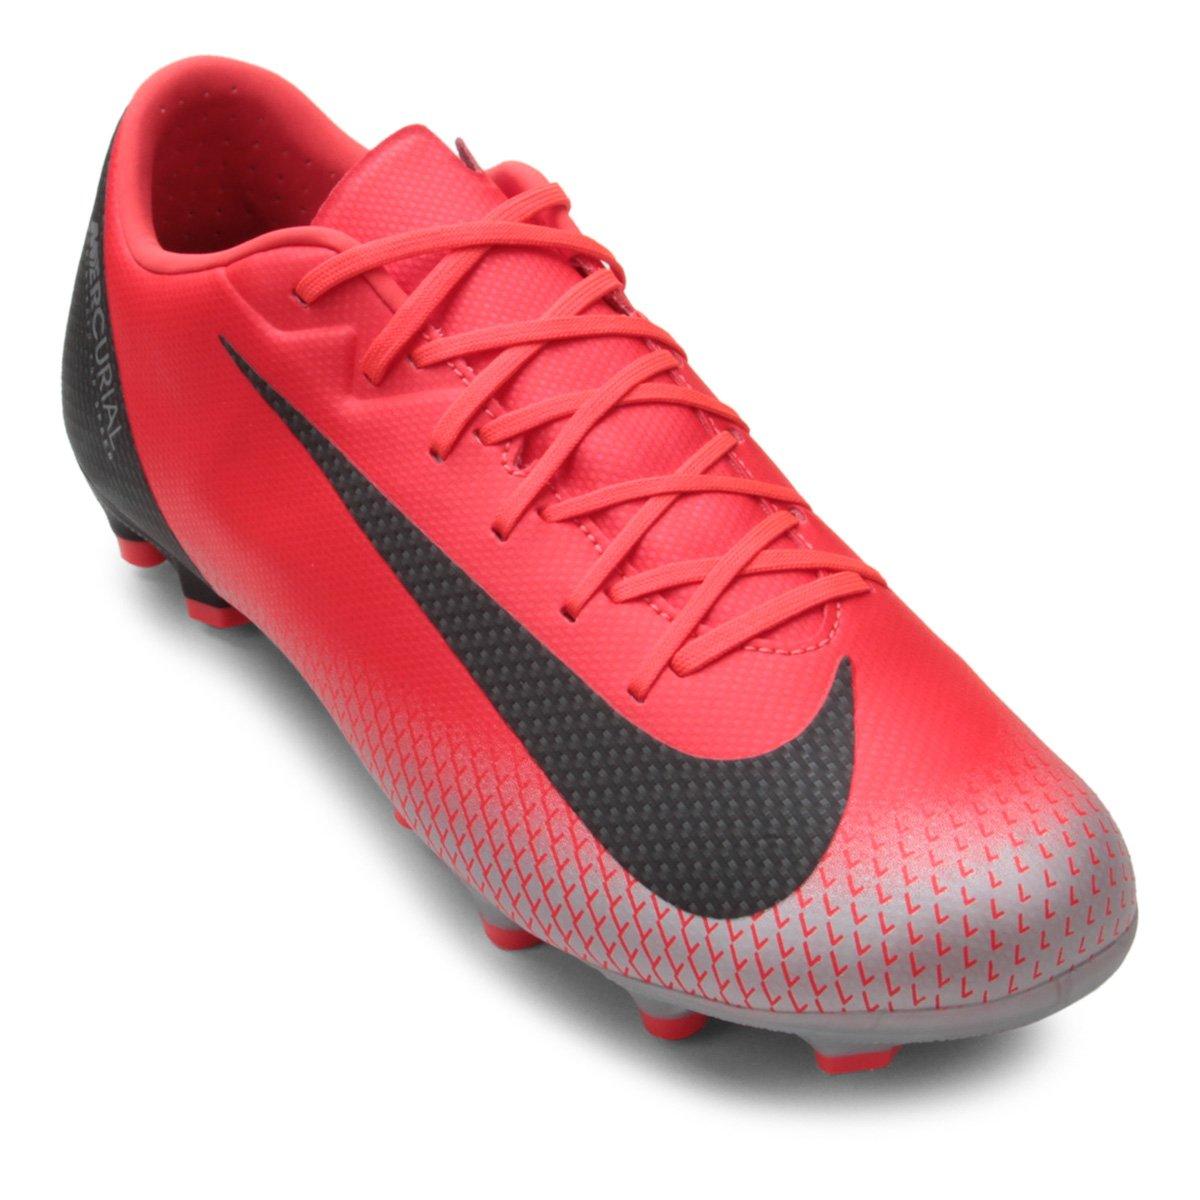 Chuteira Campo Nike Mercurial Vapor 12 Academy CR7 MG - Vermelho ... 3034689376761